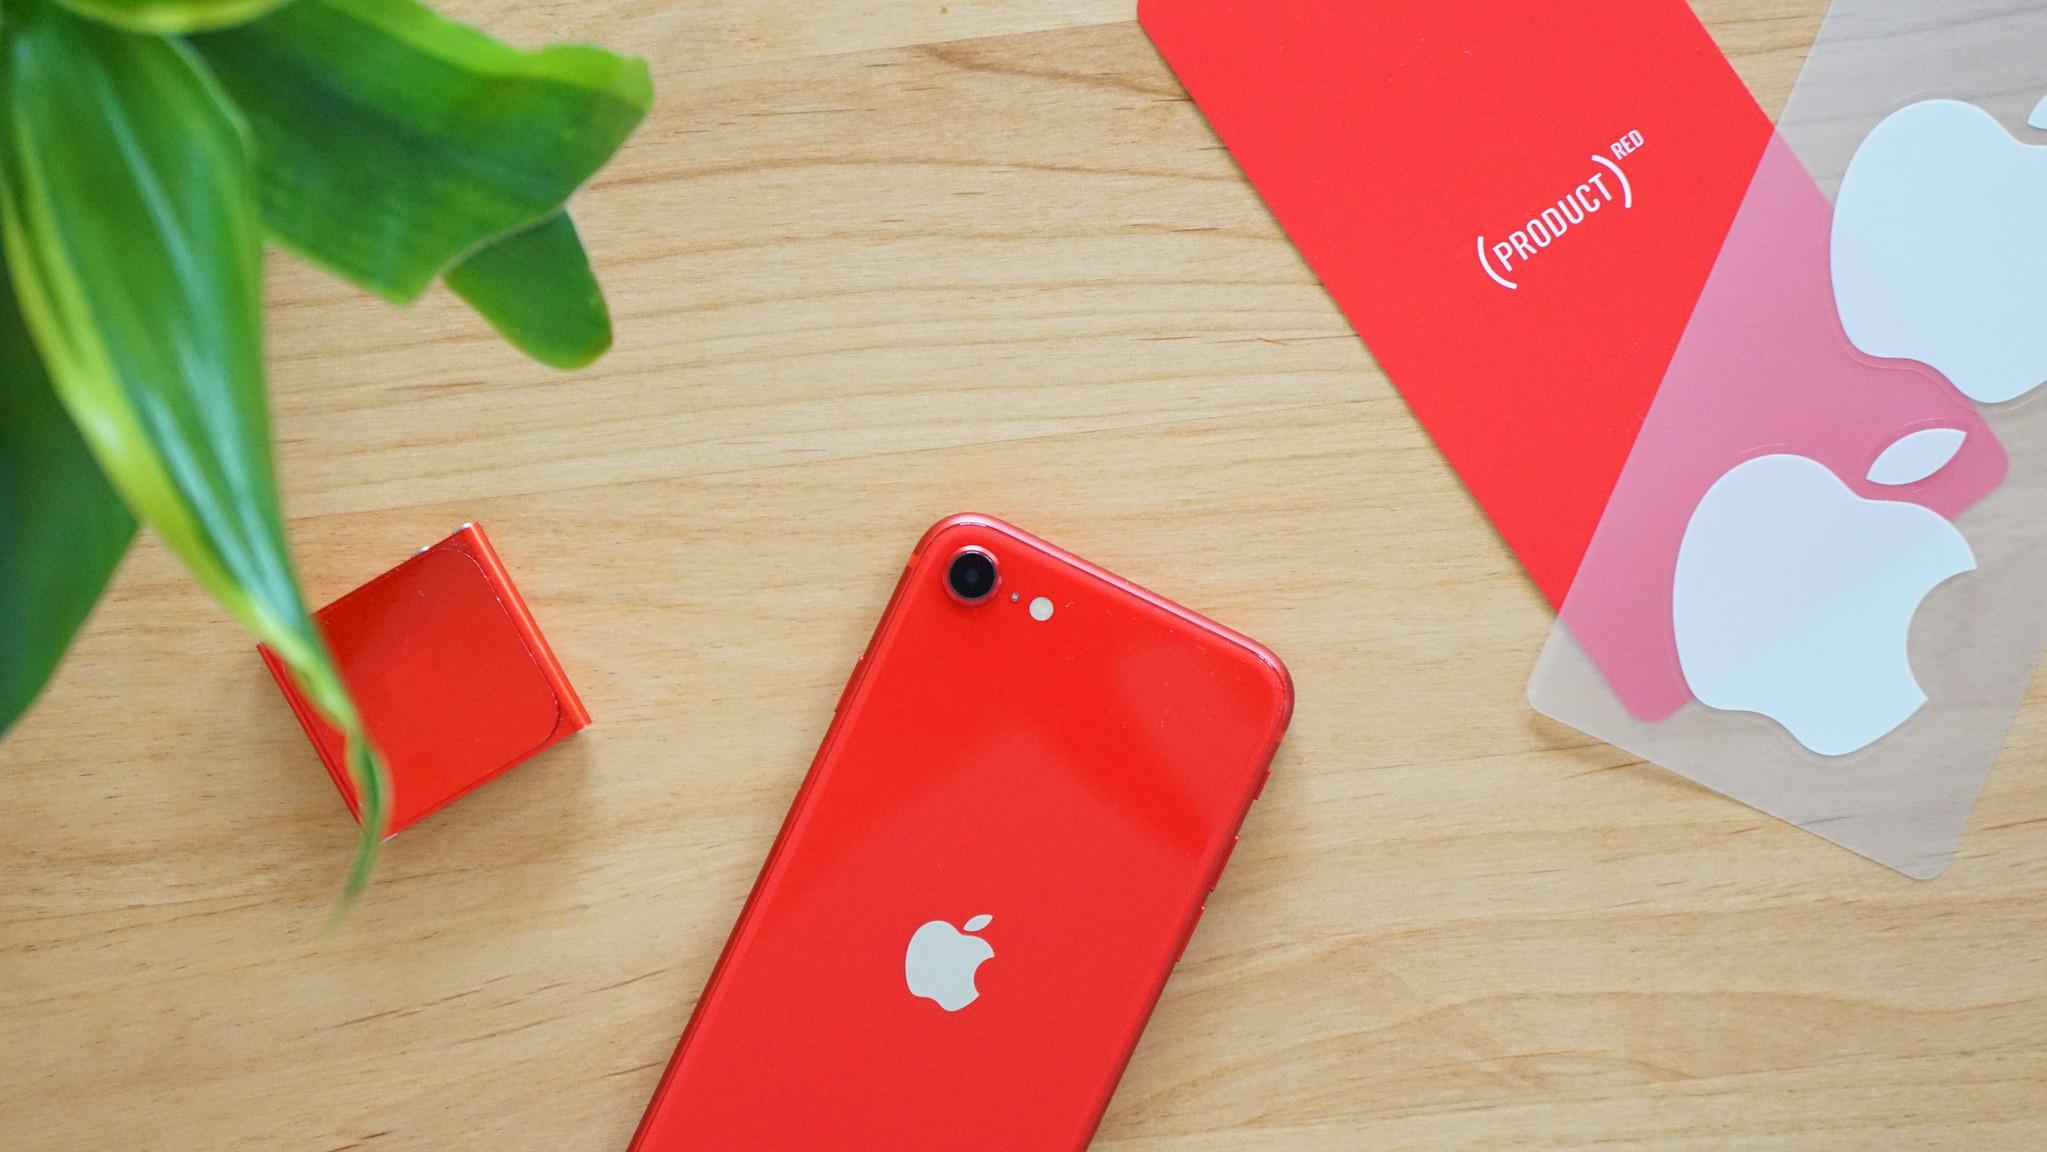 ドコモ、「Xperia 10 II」を一括3.8万円、iPhone SEを負担金3.5万円に割引